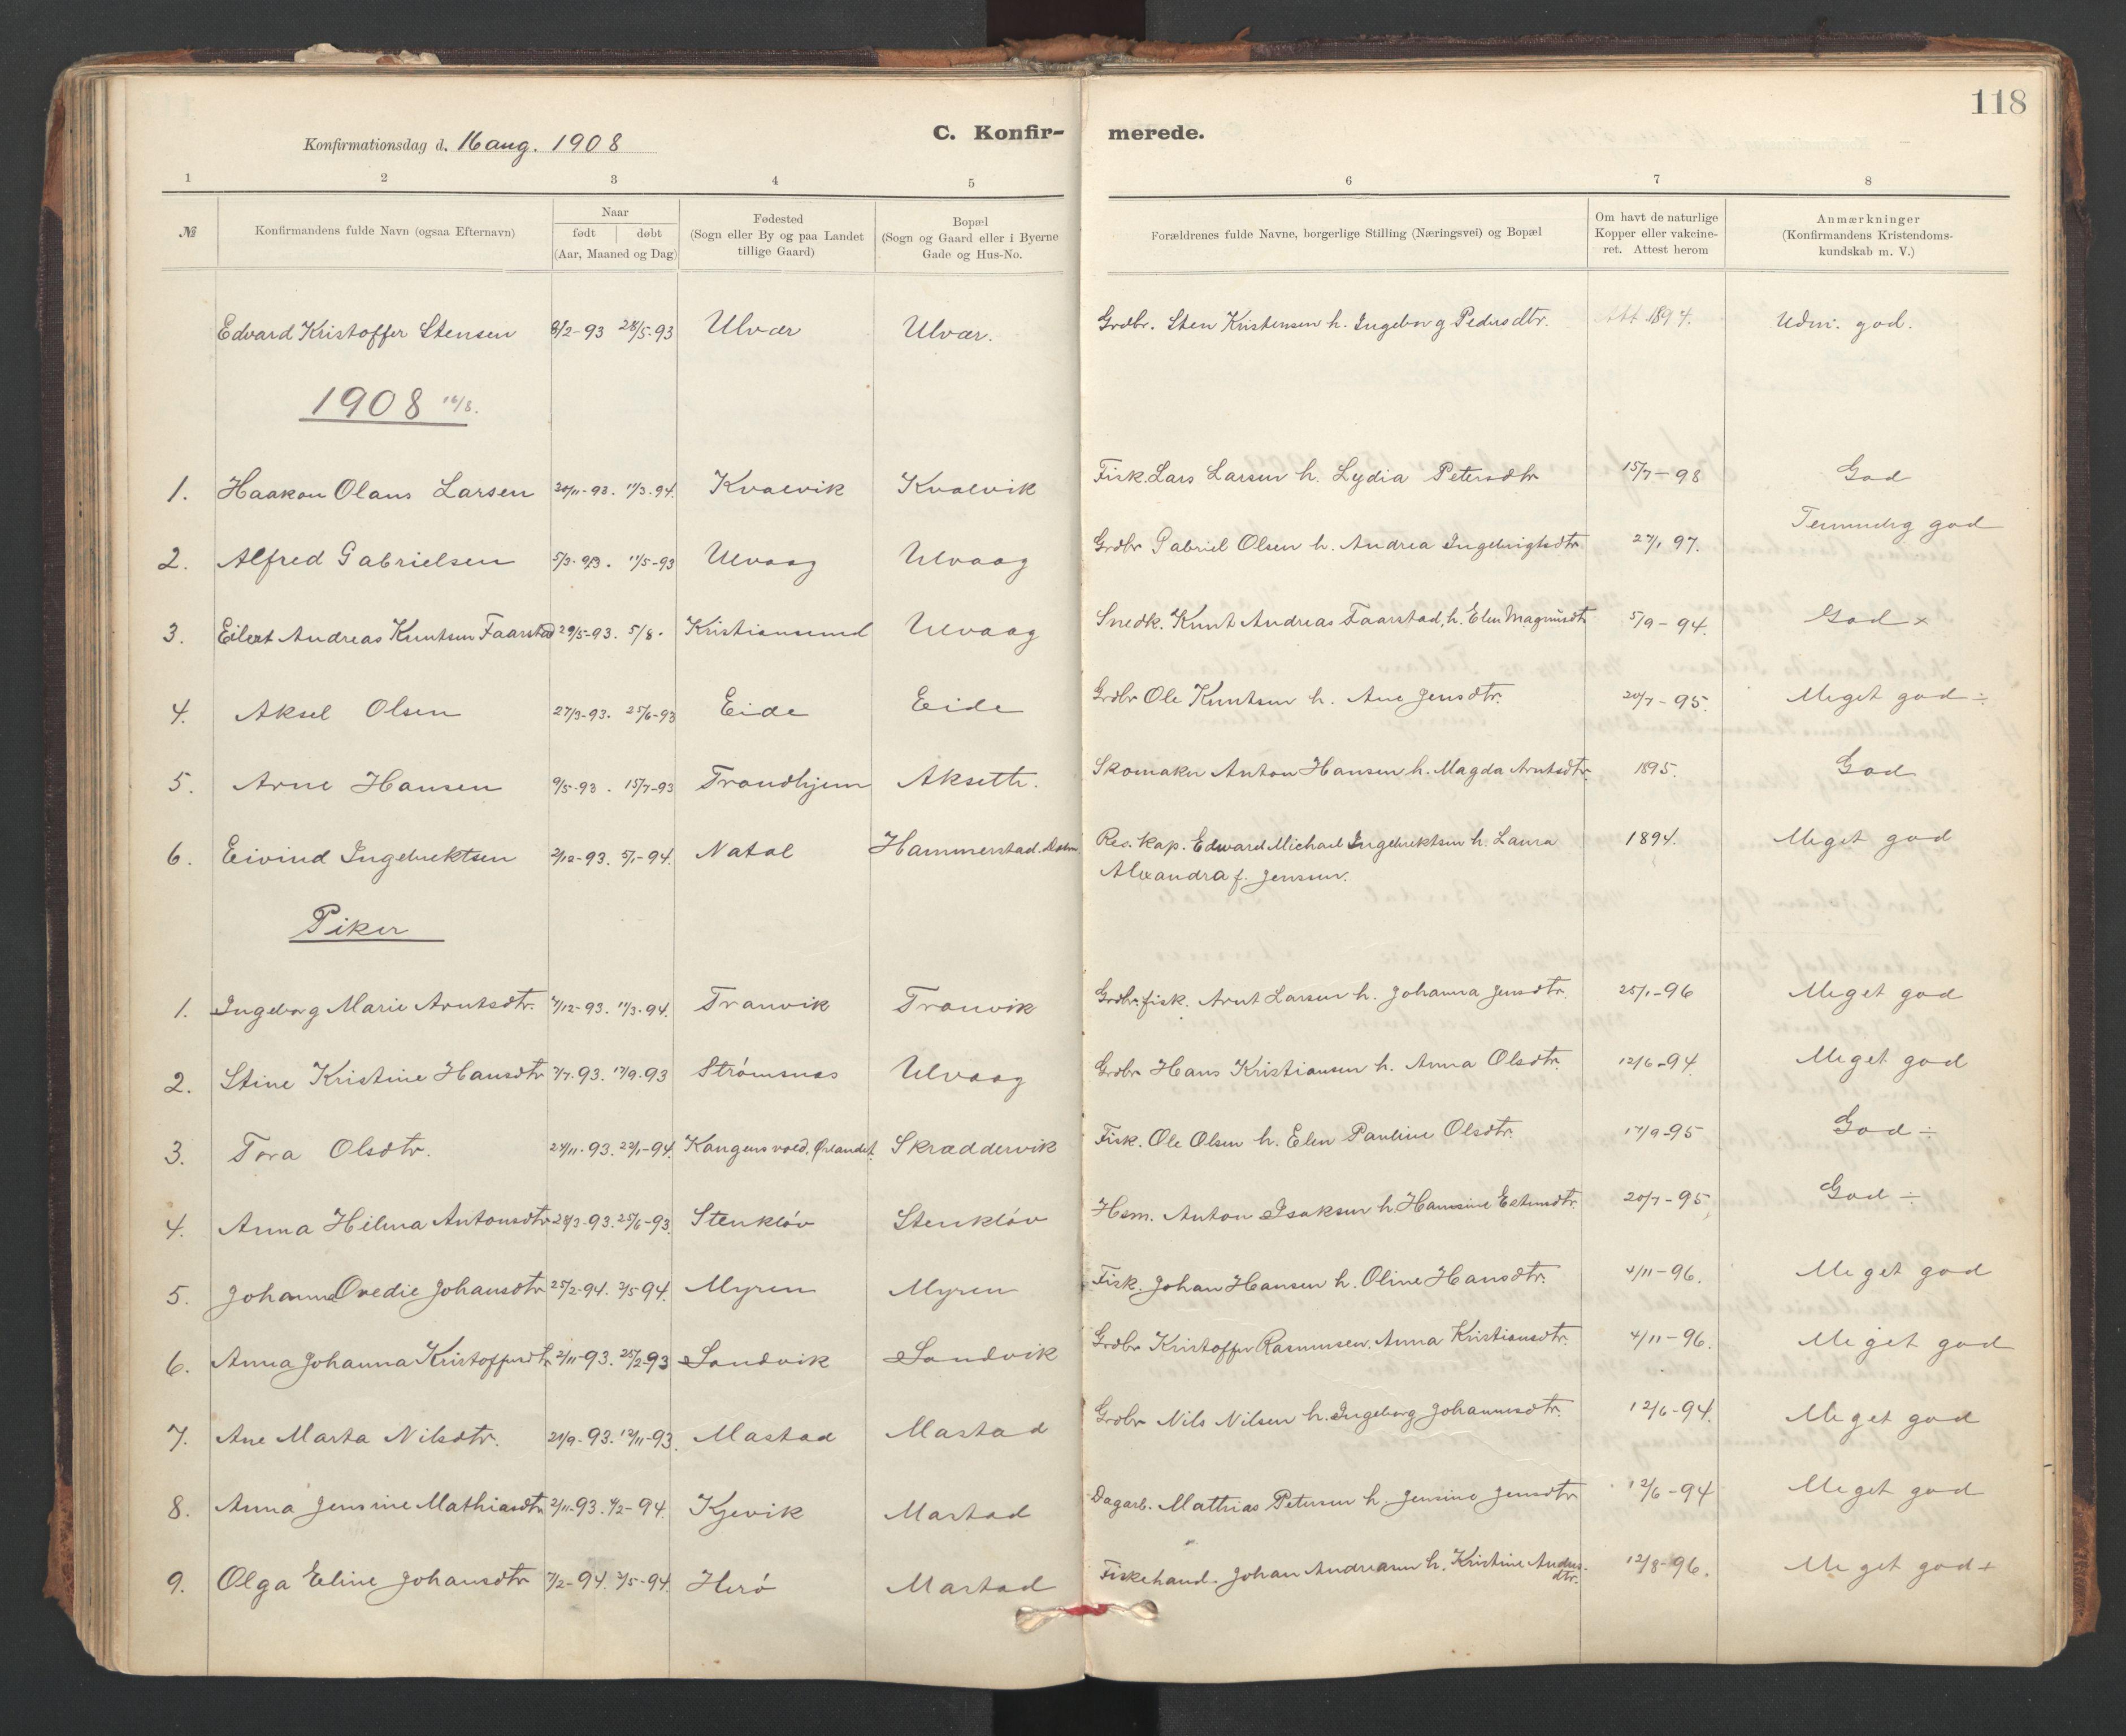 SAT, Ministerialprotokoller, klokkerbøker og fødselsregistre - Sør-Trøndelag, 637/L0559: Ministerialbok nr. 637A02, 1899-1923, s. 118